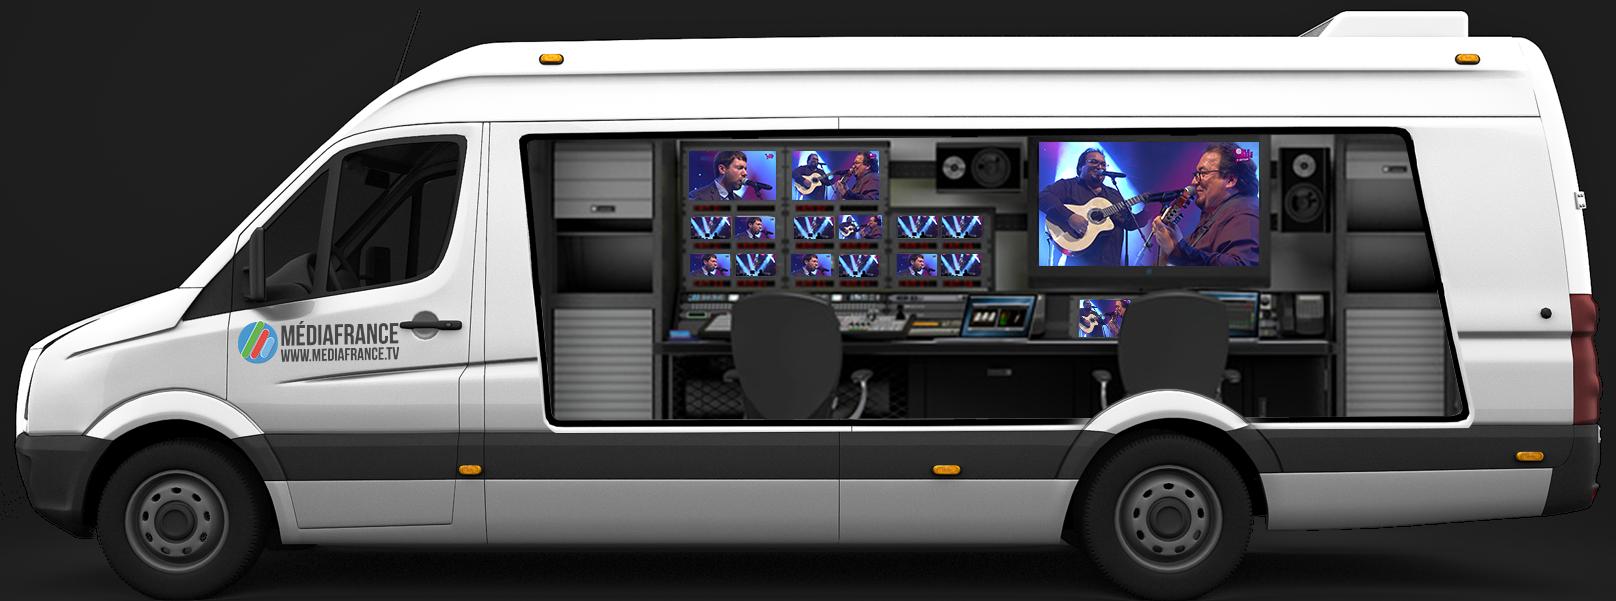 Camion régie - Captation événements multicaméra